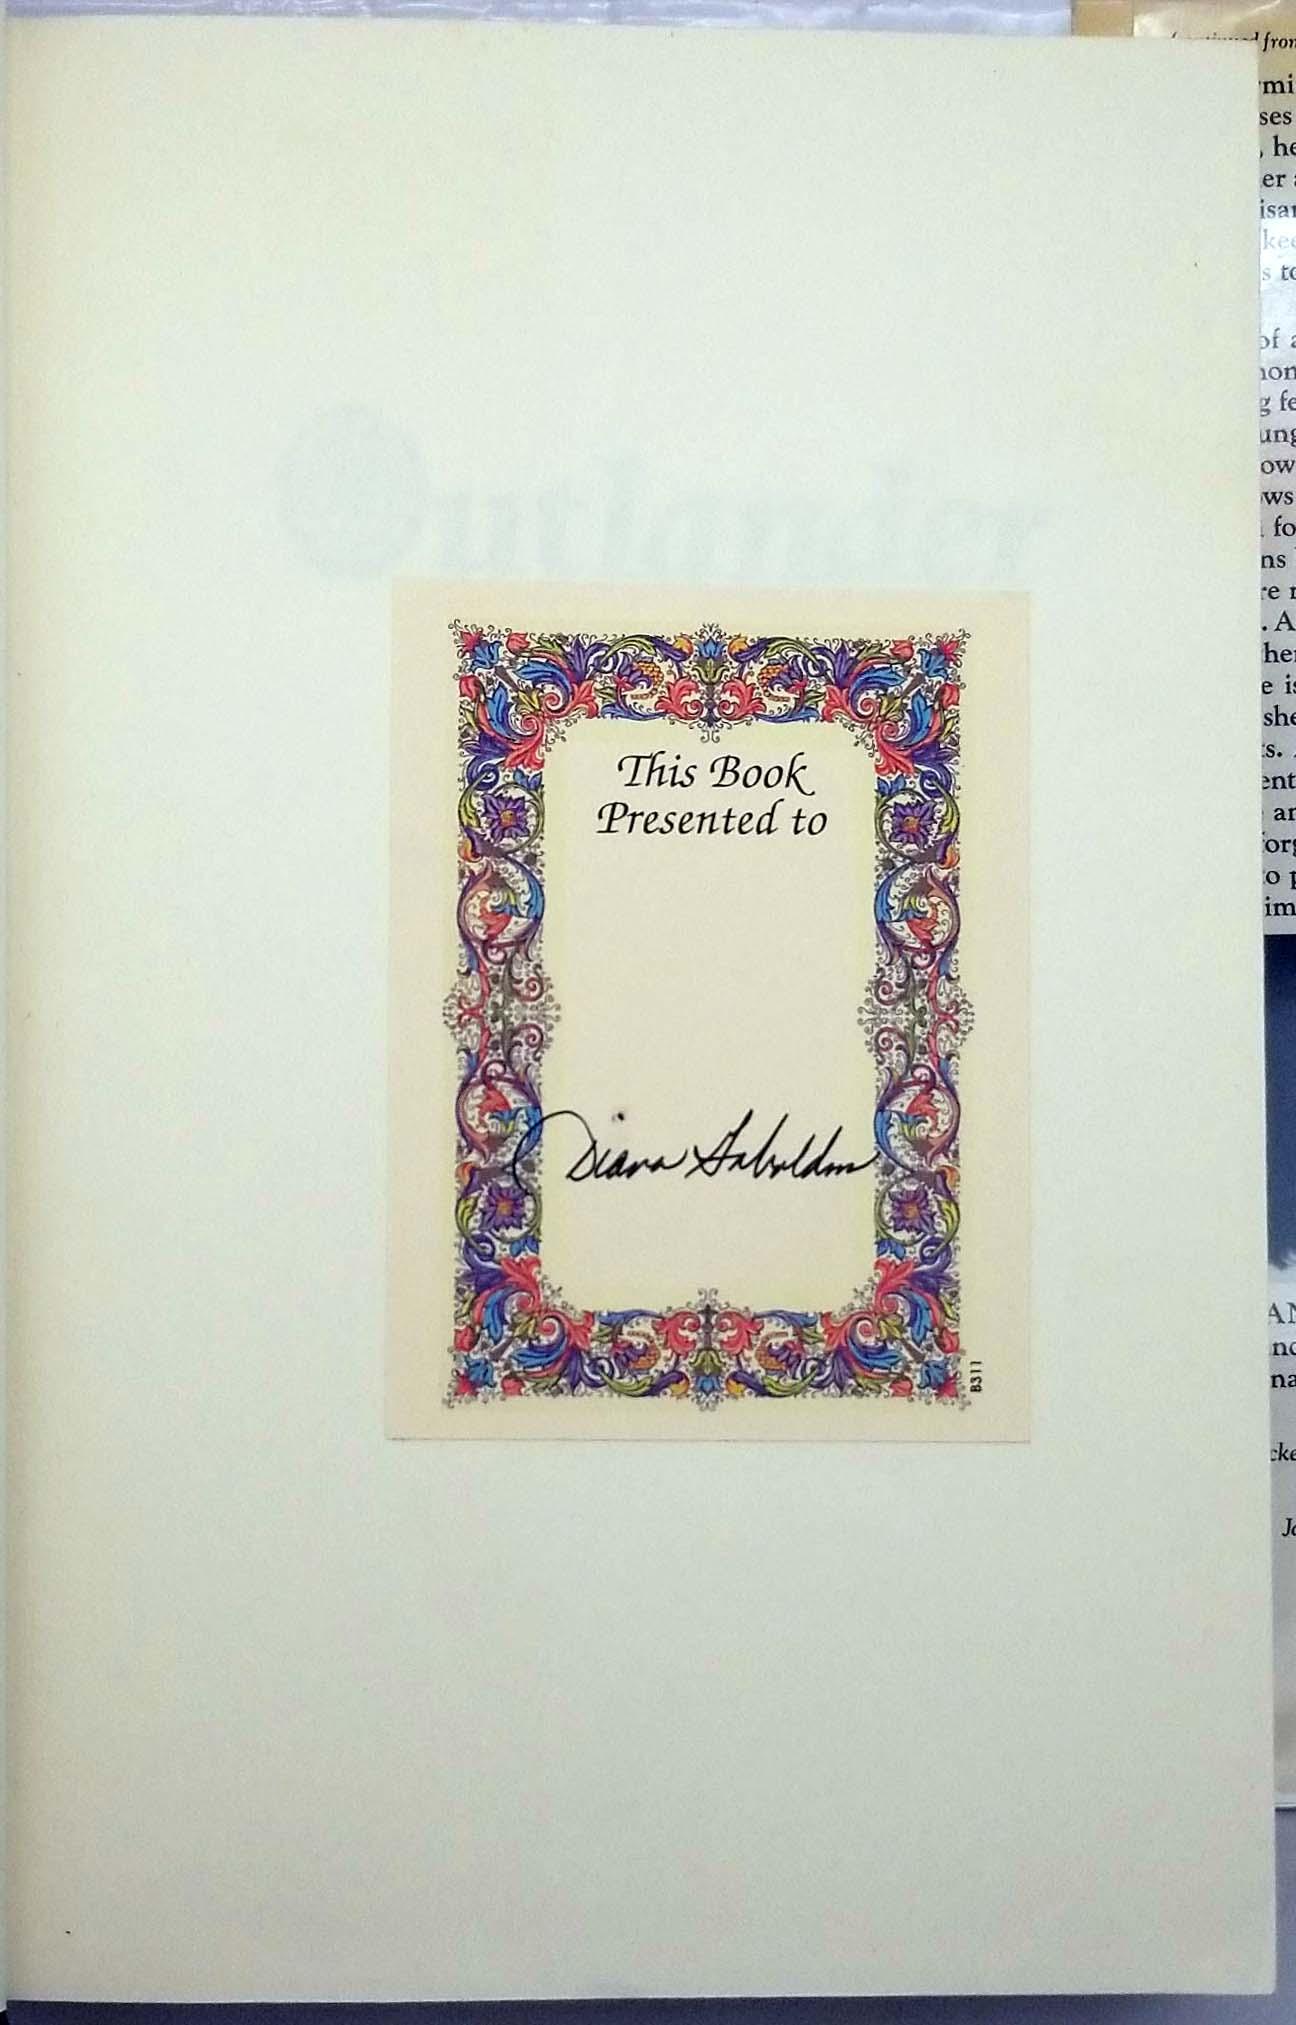 Outlander - Diana Gabaldon 1991   1st Edition SIGNED